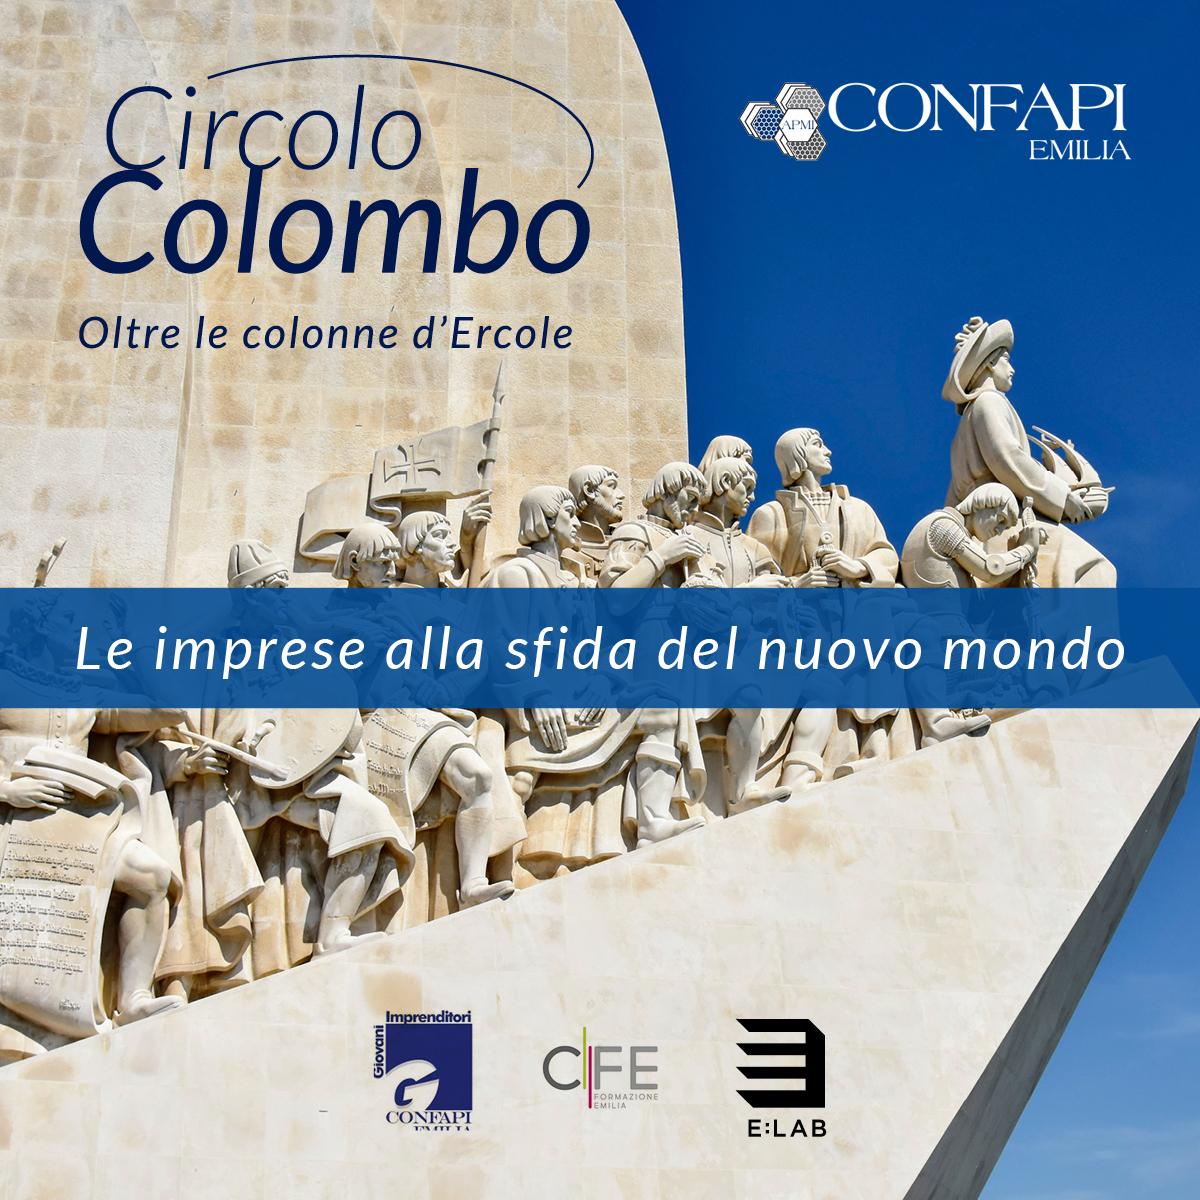 Circolo Colombo